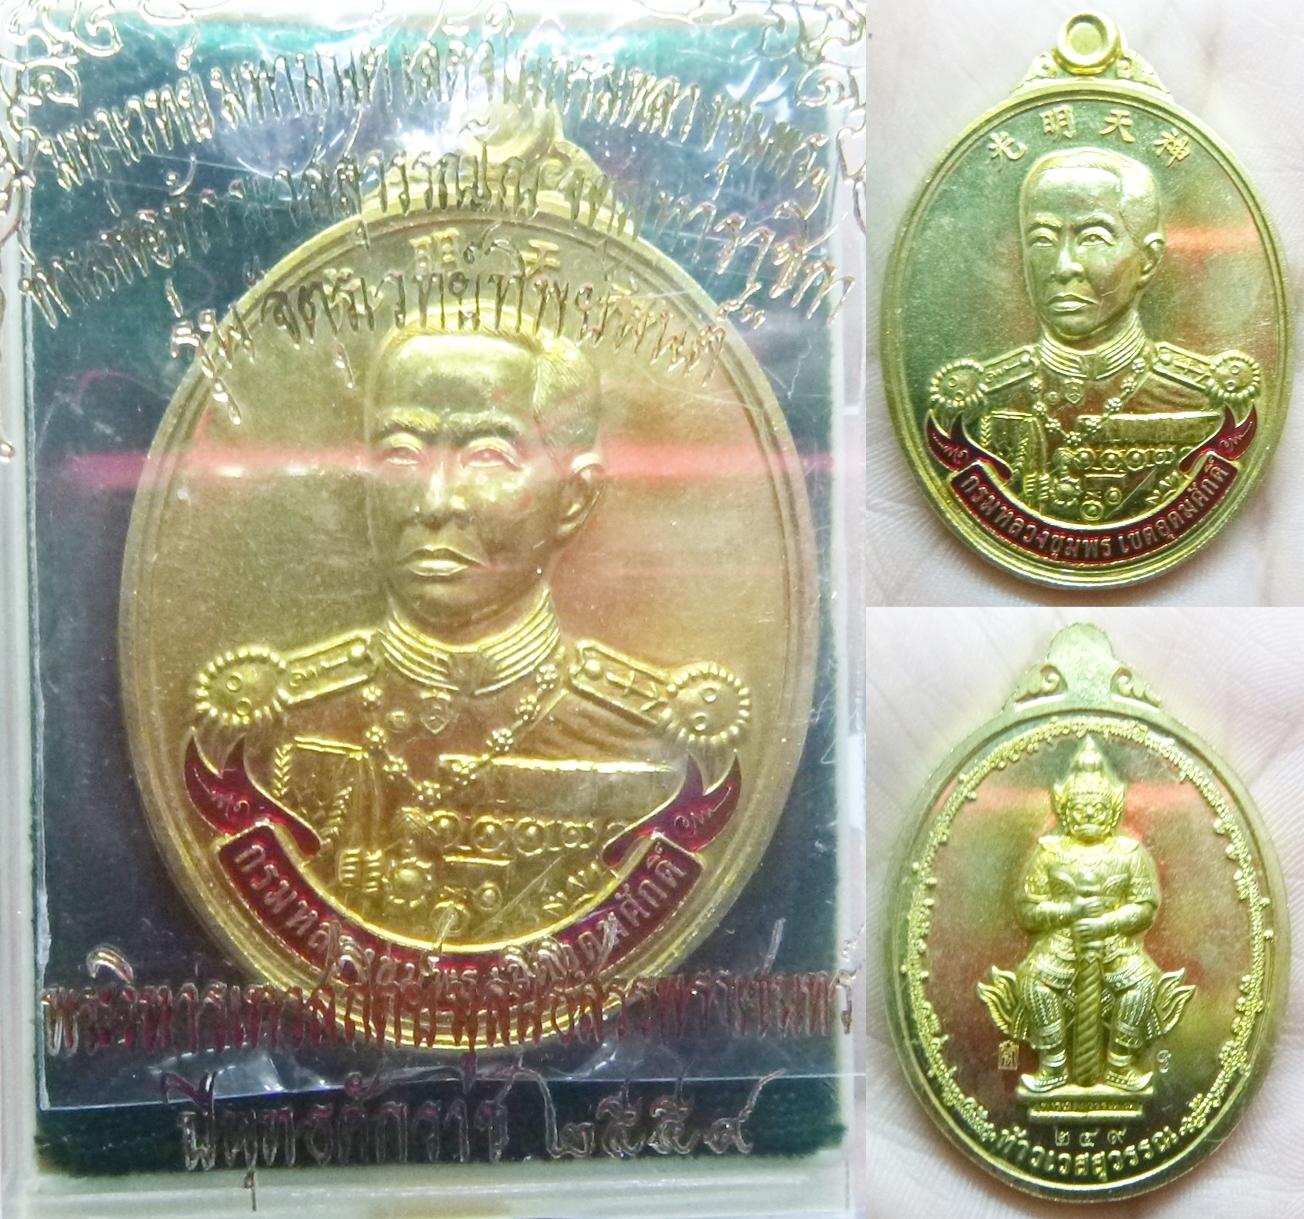 เหรียญ เนื้อทองฝาบาตรลงยาแดงกรมหลวงชุมพร รุ่นจตุรเวทย์ทิพย์มนต์